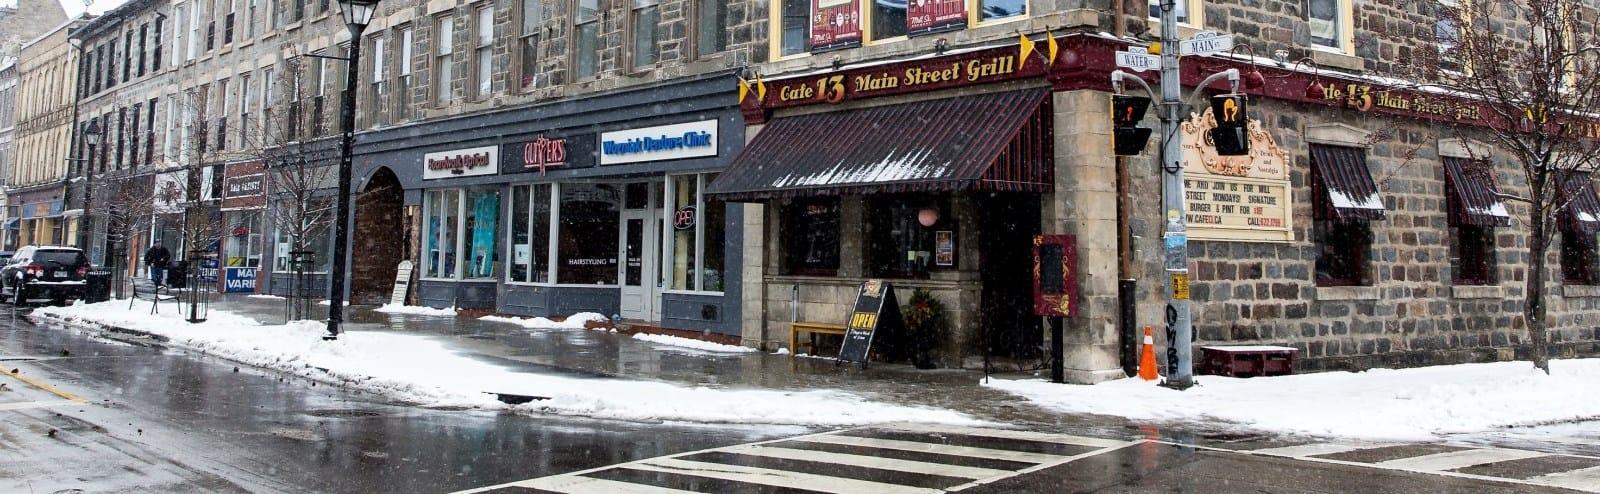 Street corner Main St. and Water St.